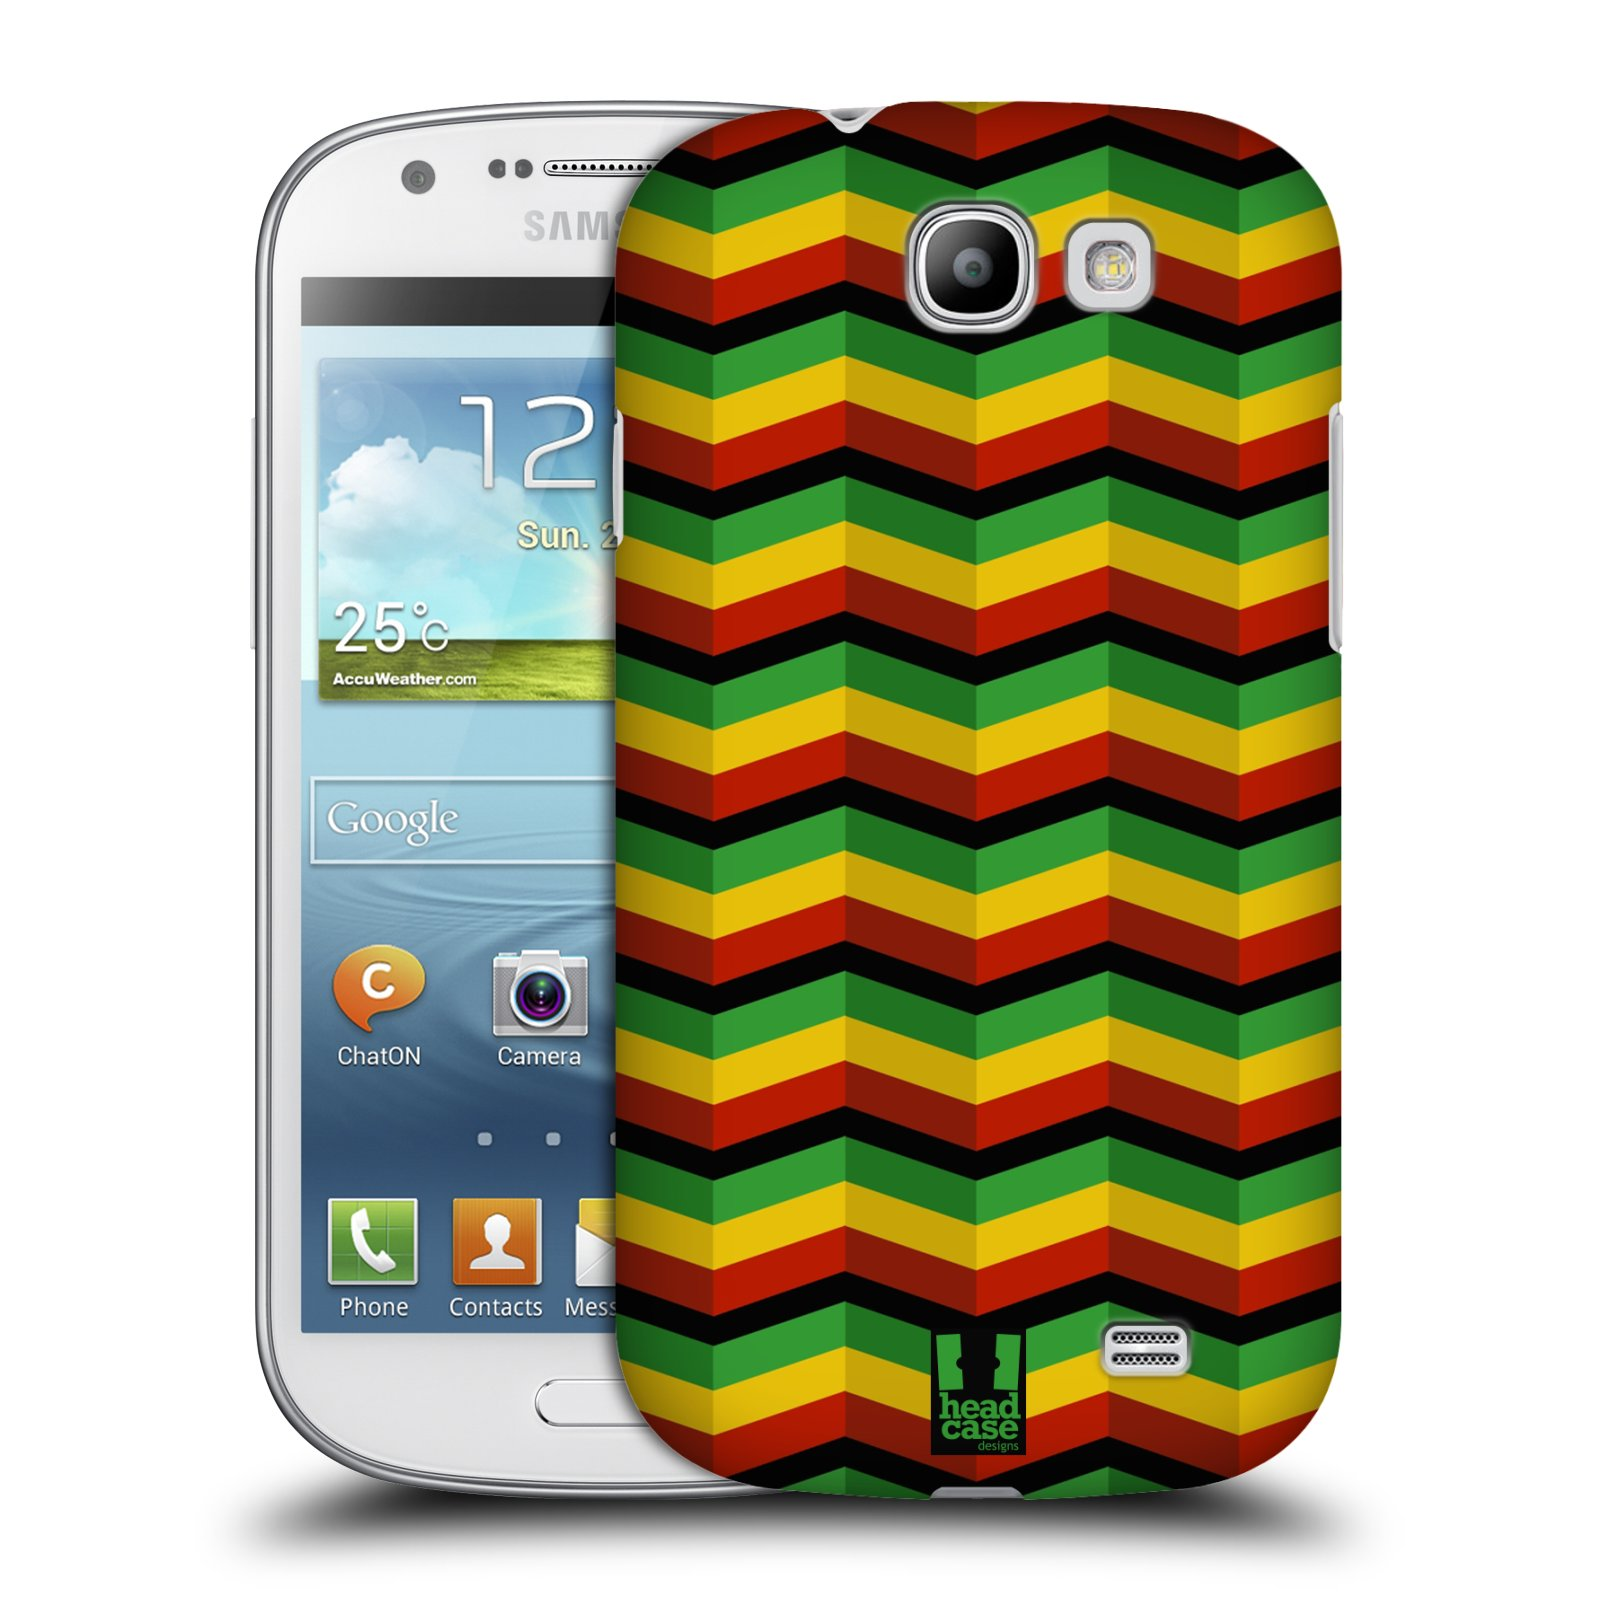 Plastové pouzdro na mobil Samsung Galaxy Express HEAD CASE RASTA CHEVRON (Kryt či obal na mobilní telefon Samsung Galaxy Express GT-i8730)